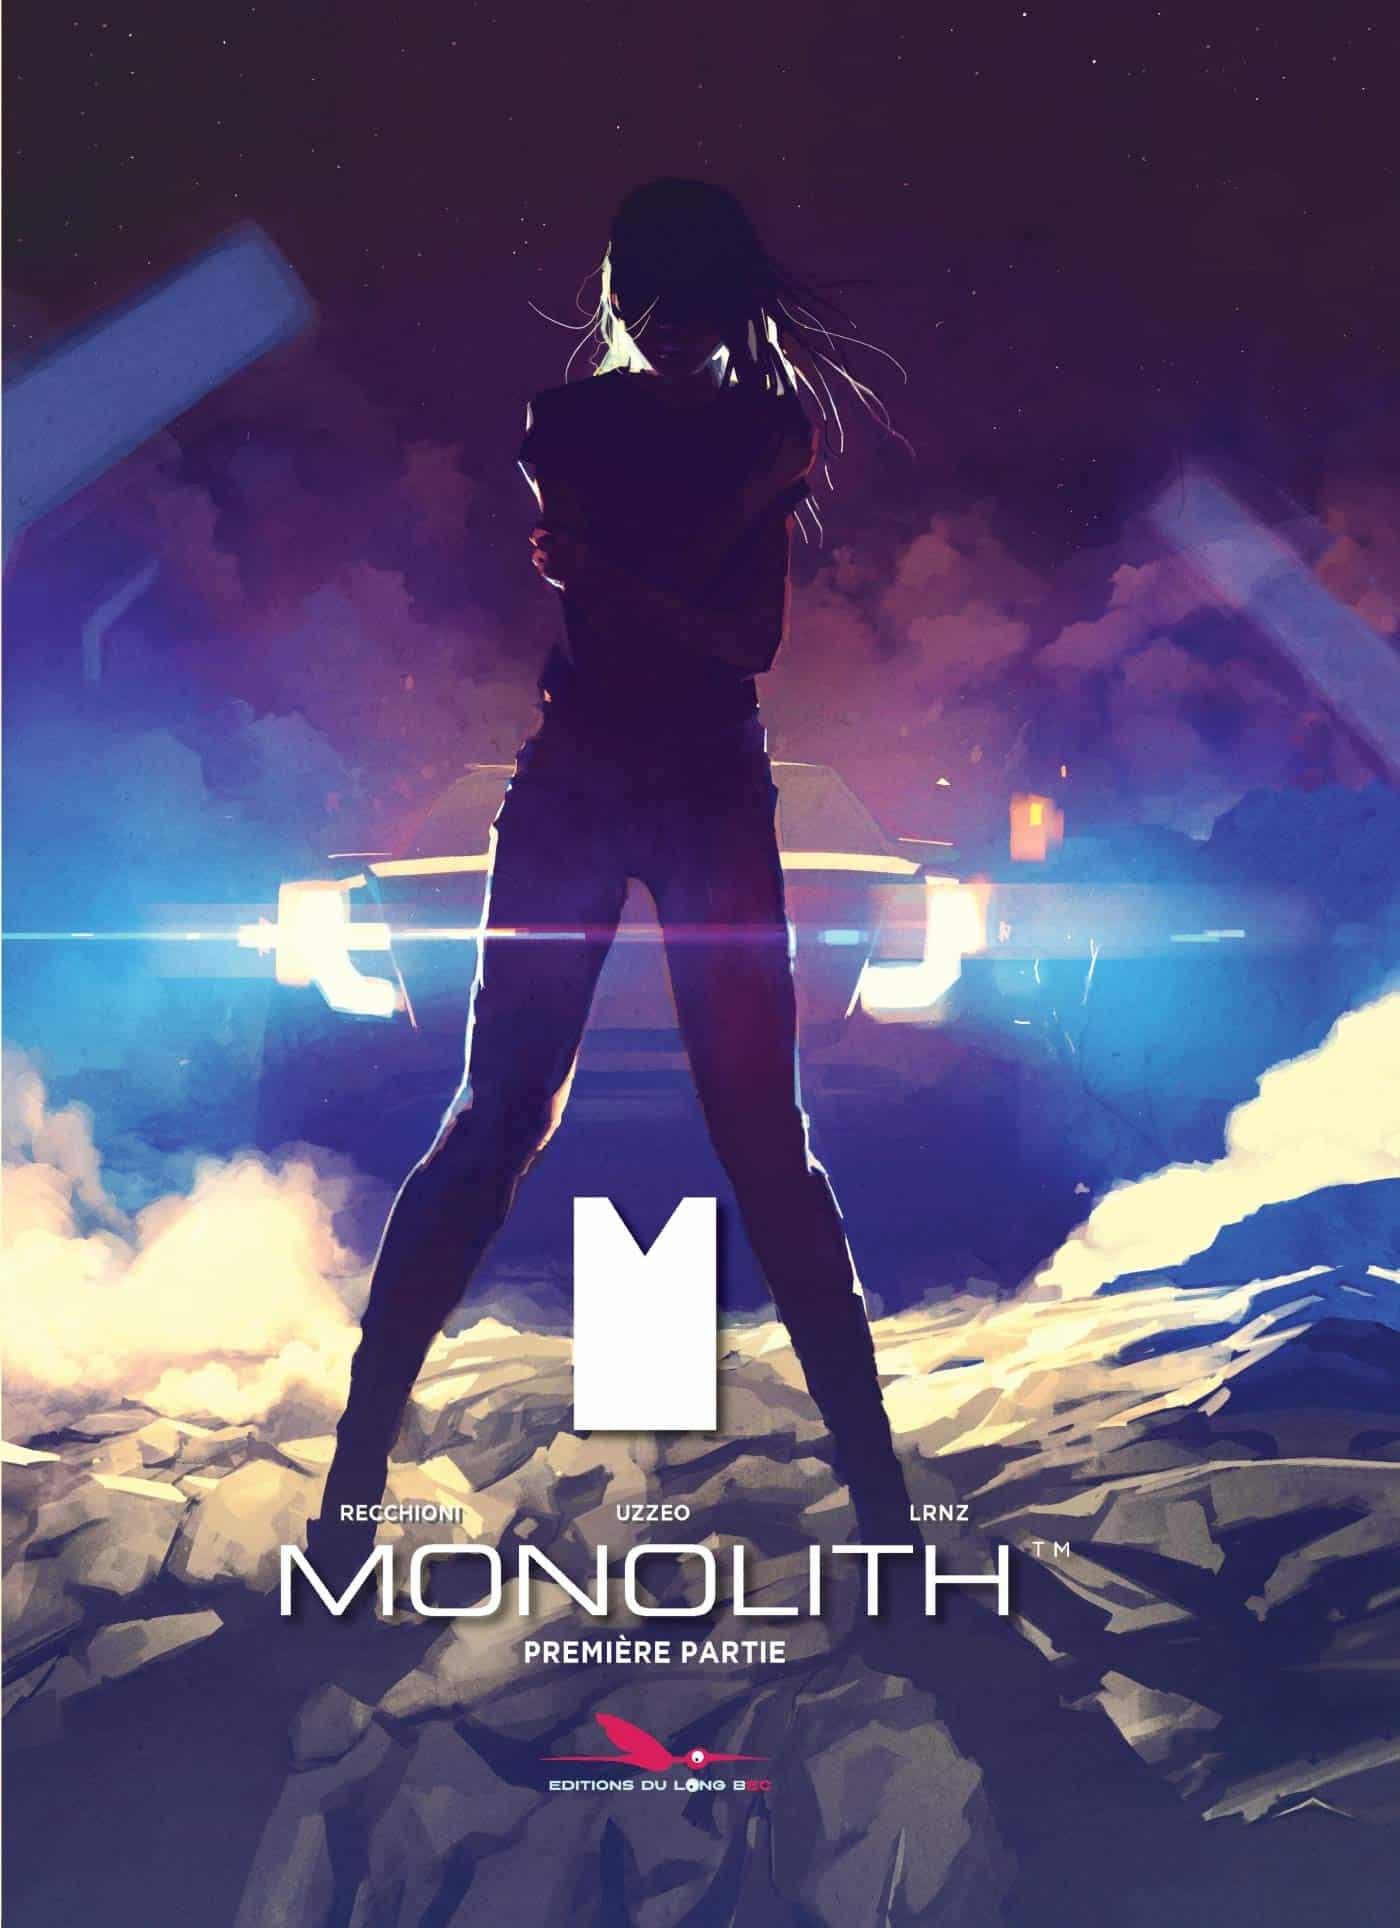 Monolith, sécurité mortelle